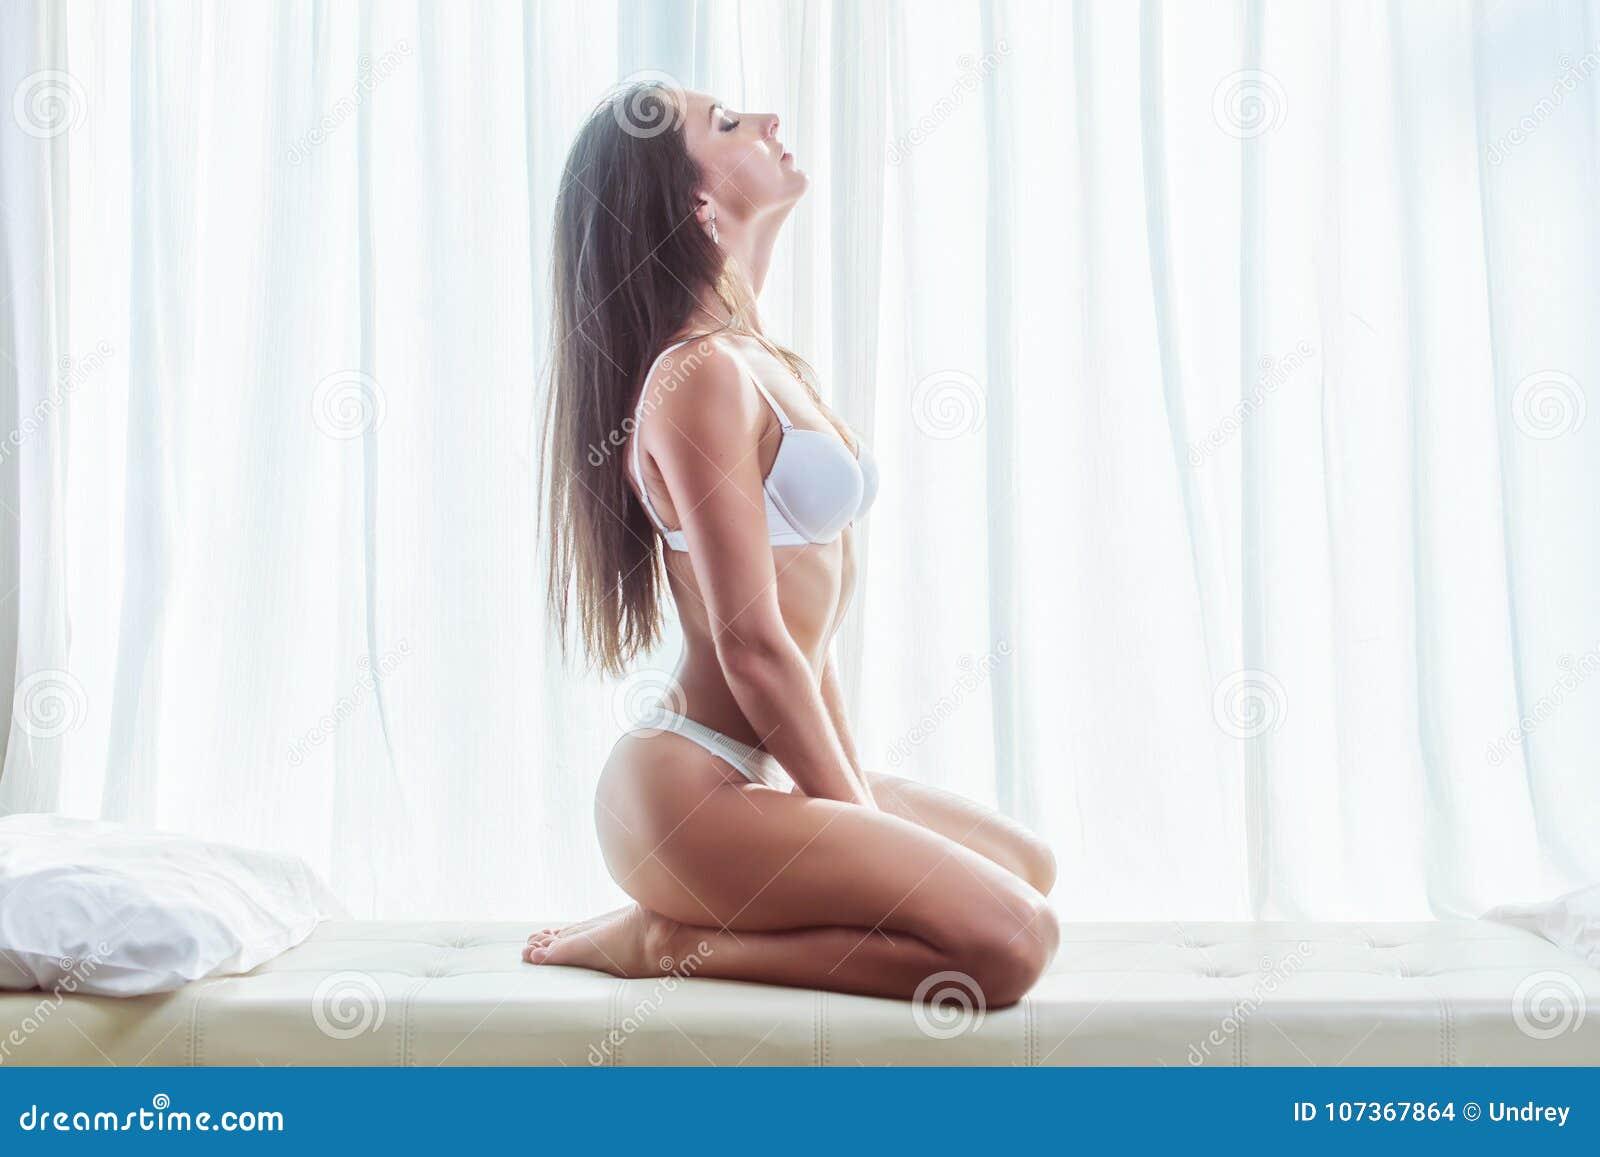 年轻深色的妇女佩带的女用贴身内衣裤侧视图坐与窗口和帷幕的白色床在背景中